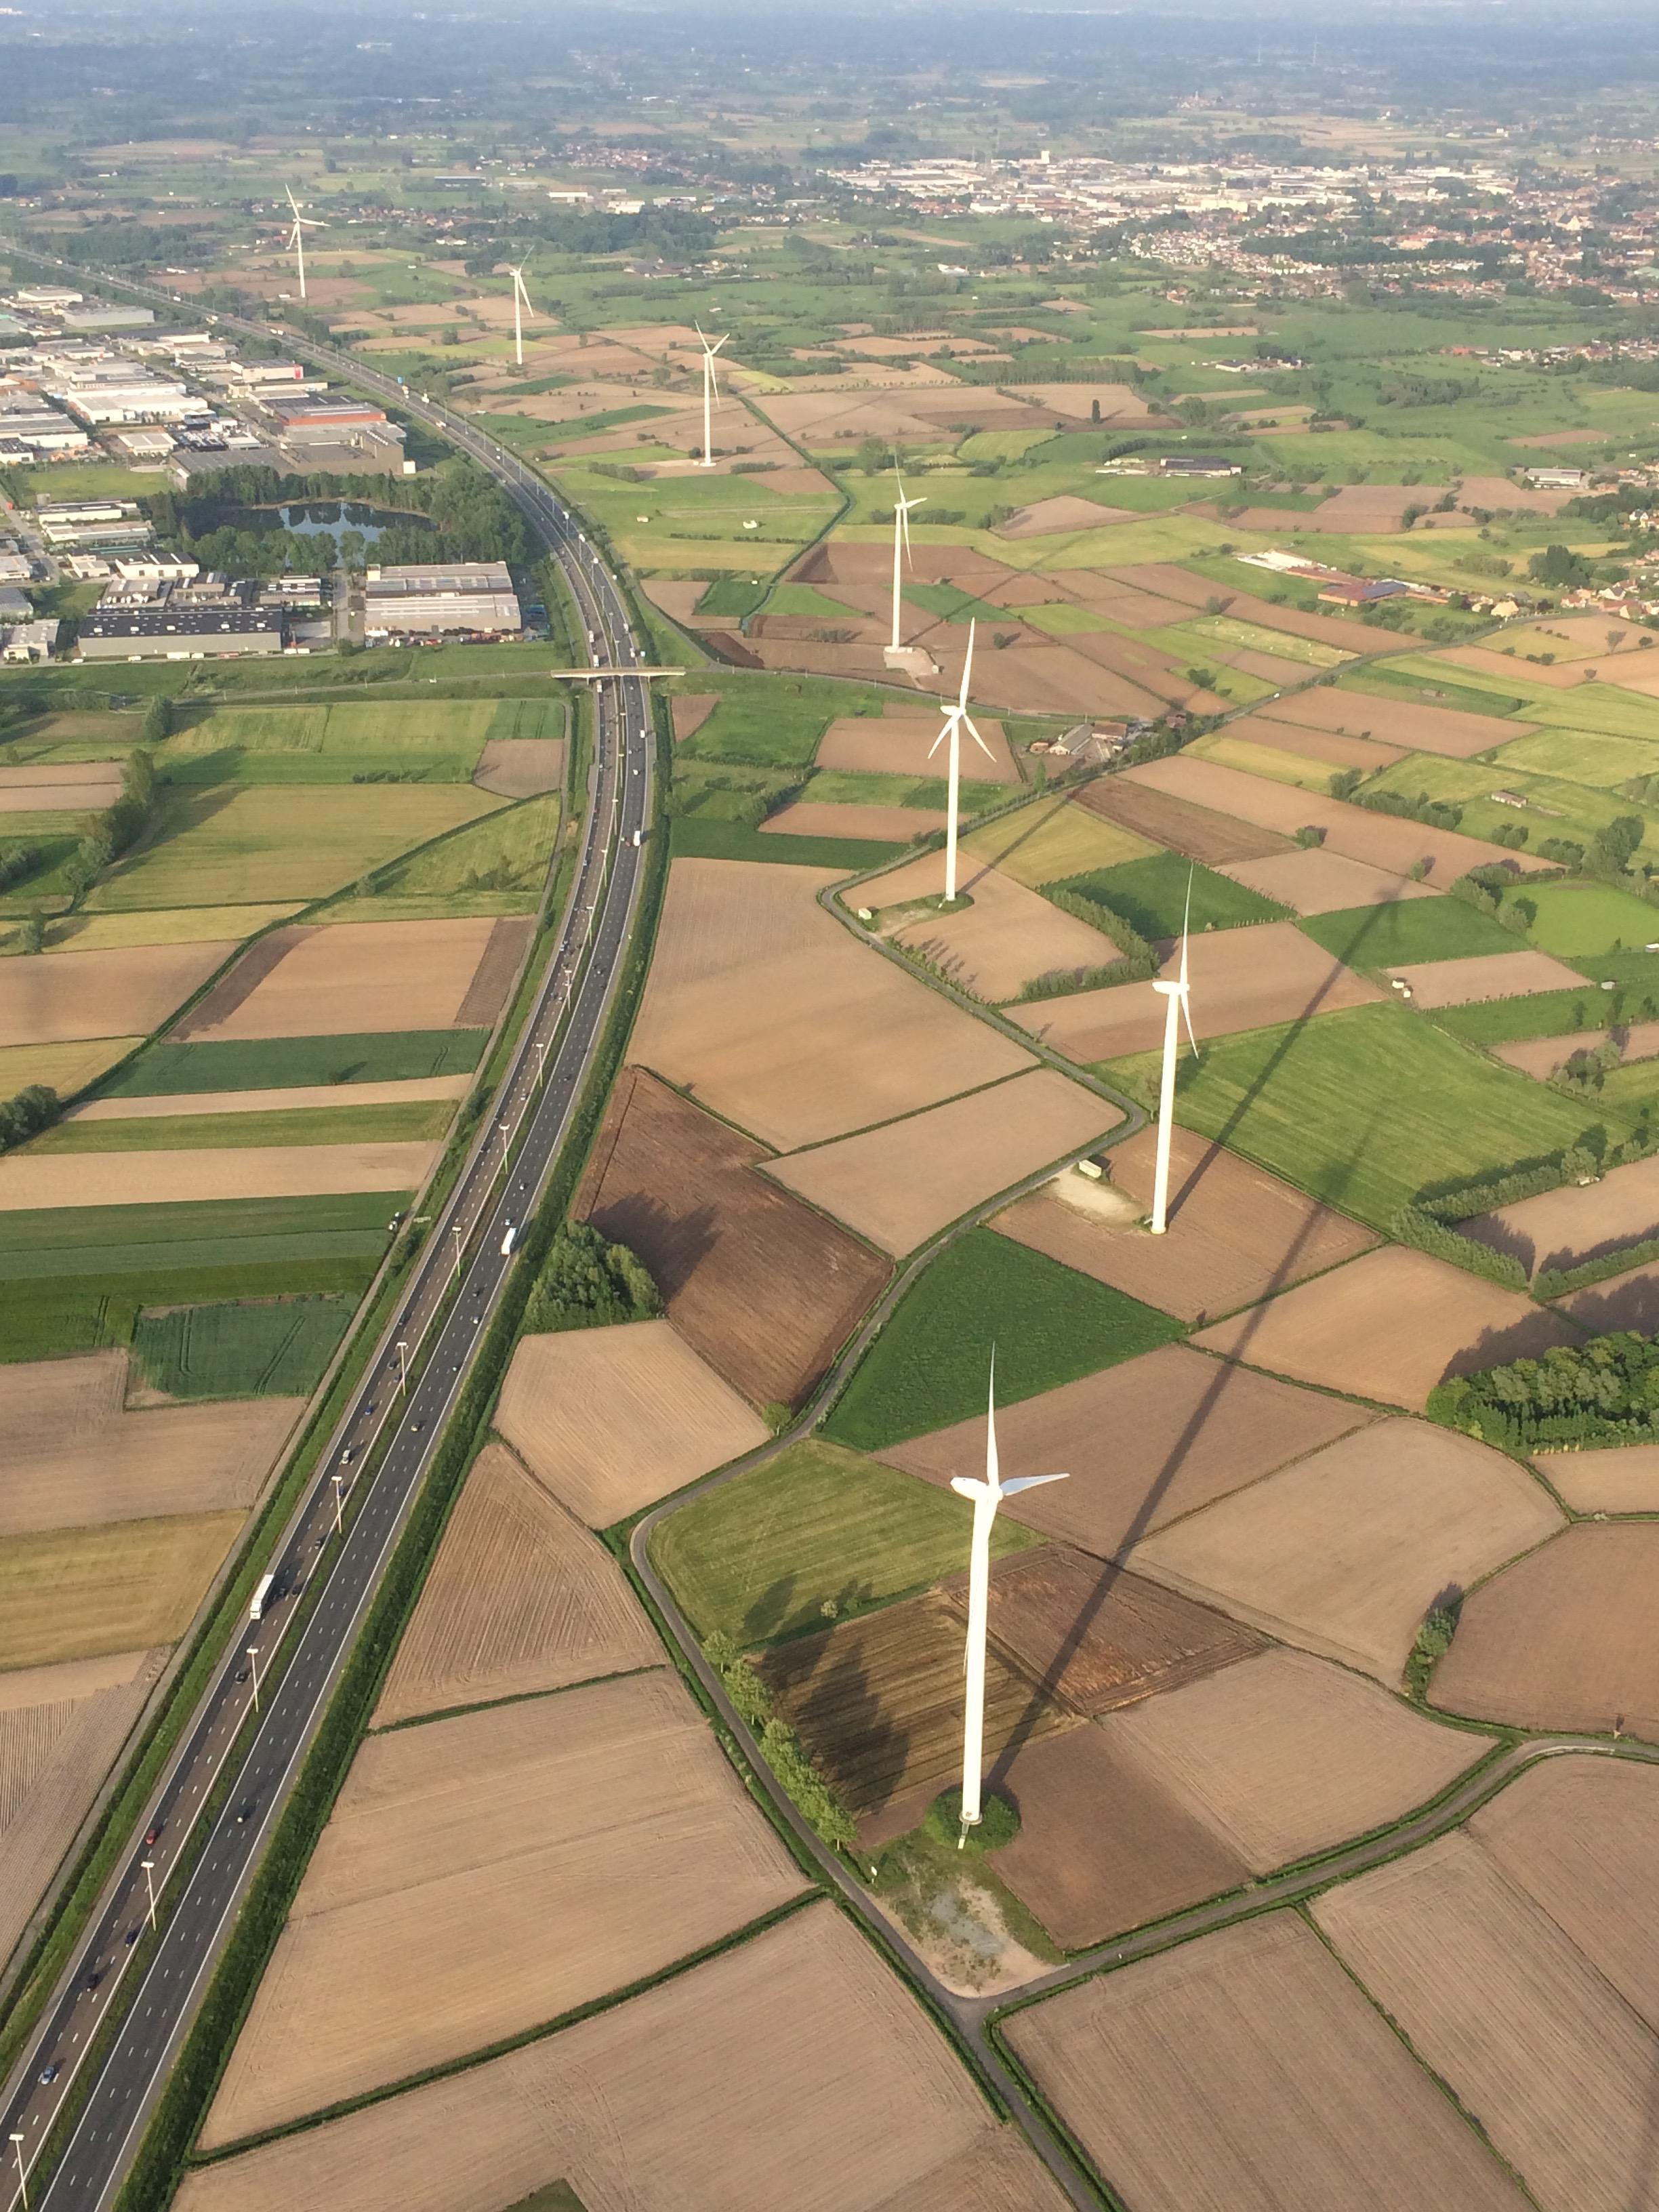 Ballonvaart E17 zicht windmolens